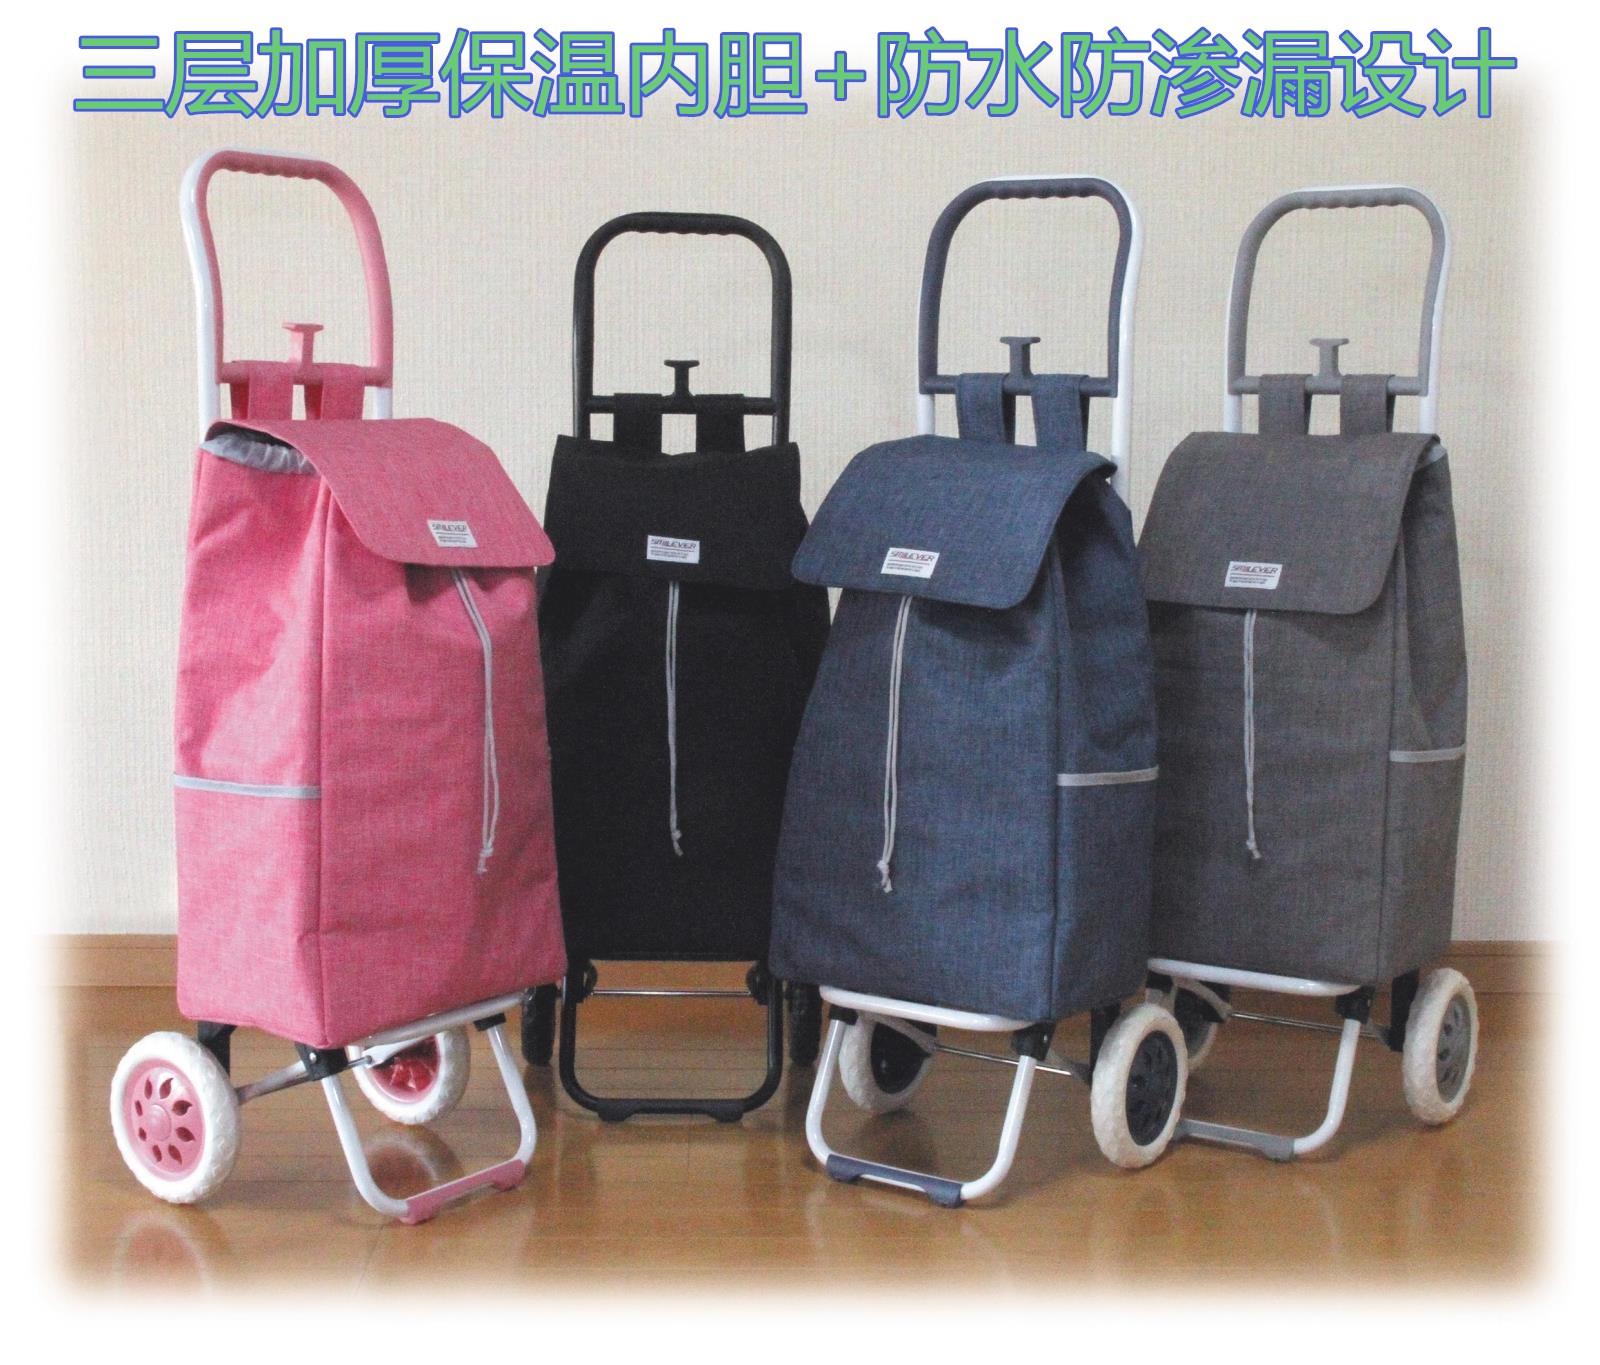 Хозяйственные сумки / Сумки на колесах Артикул 543765465145